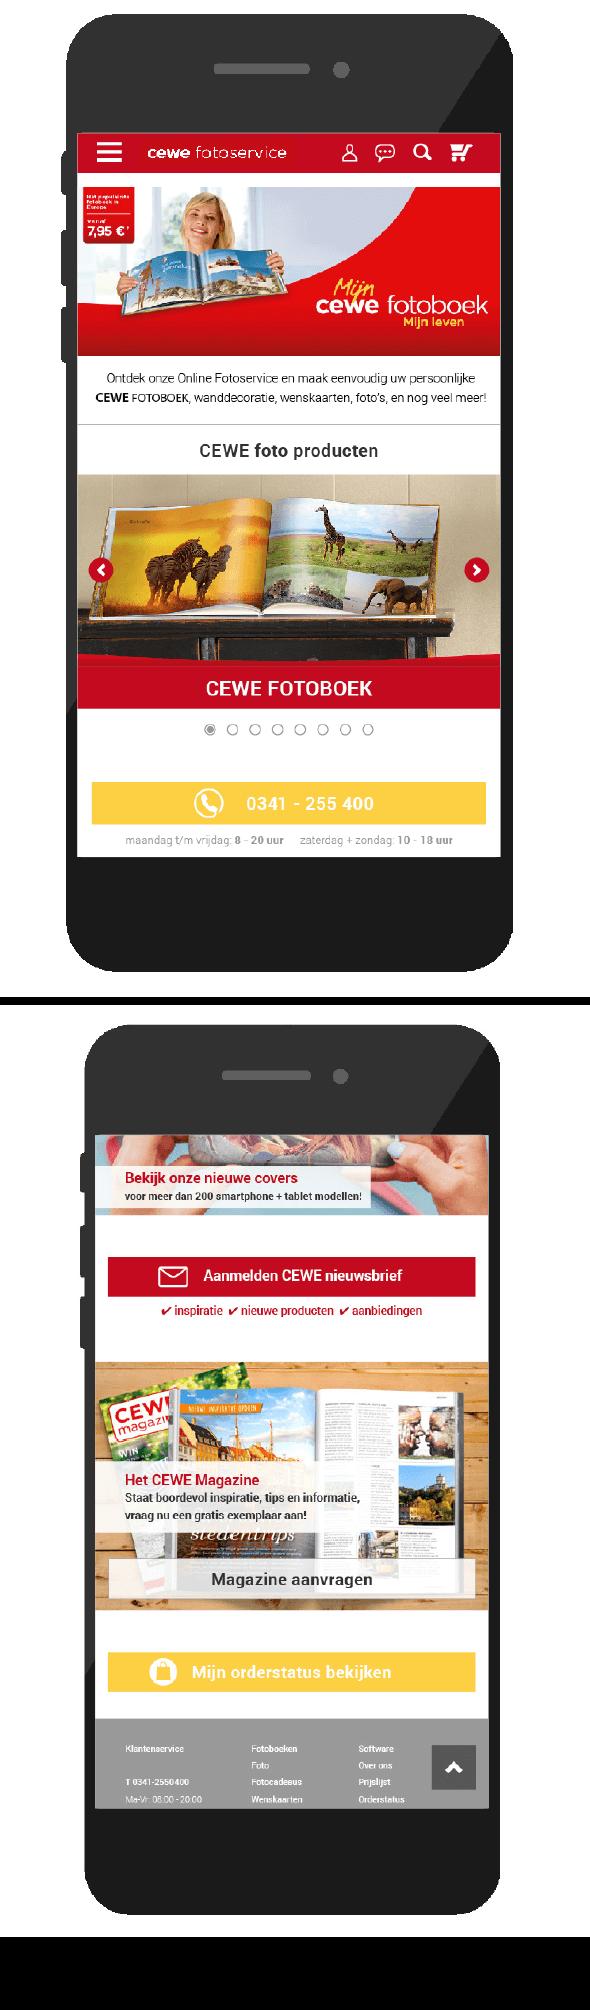 Homepage mobiel CEWE